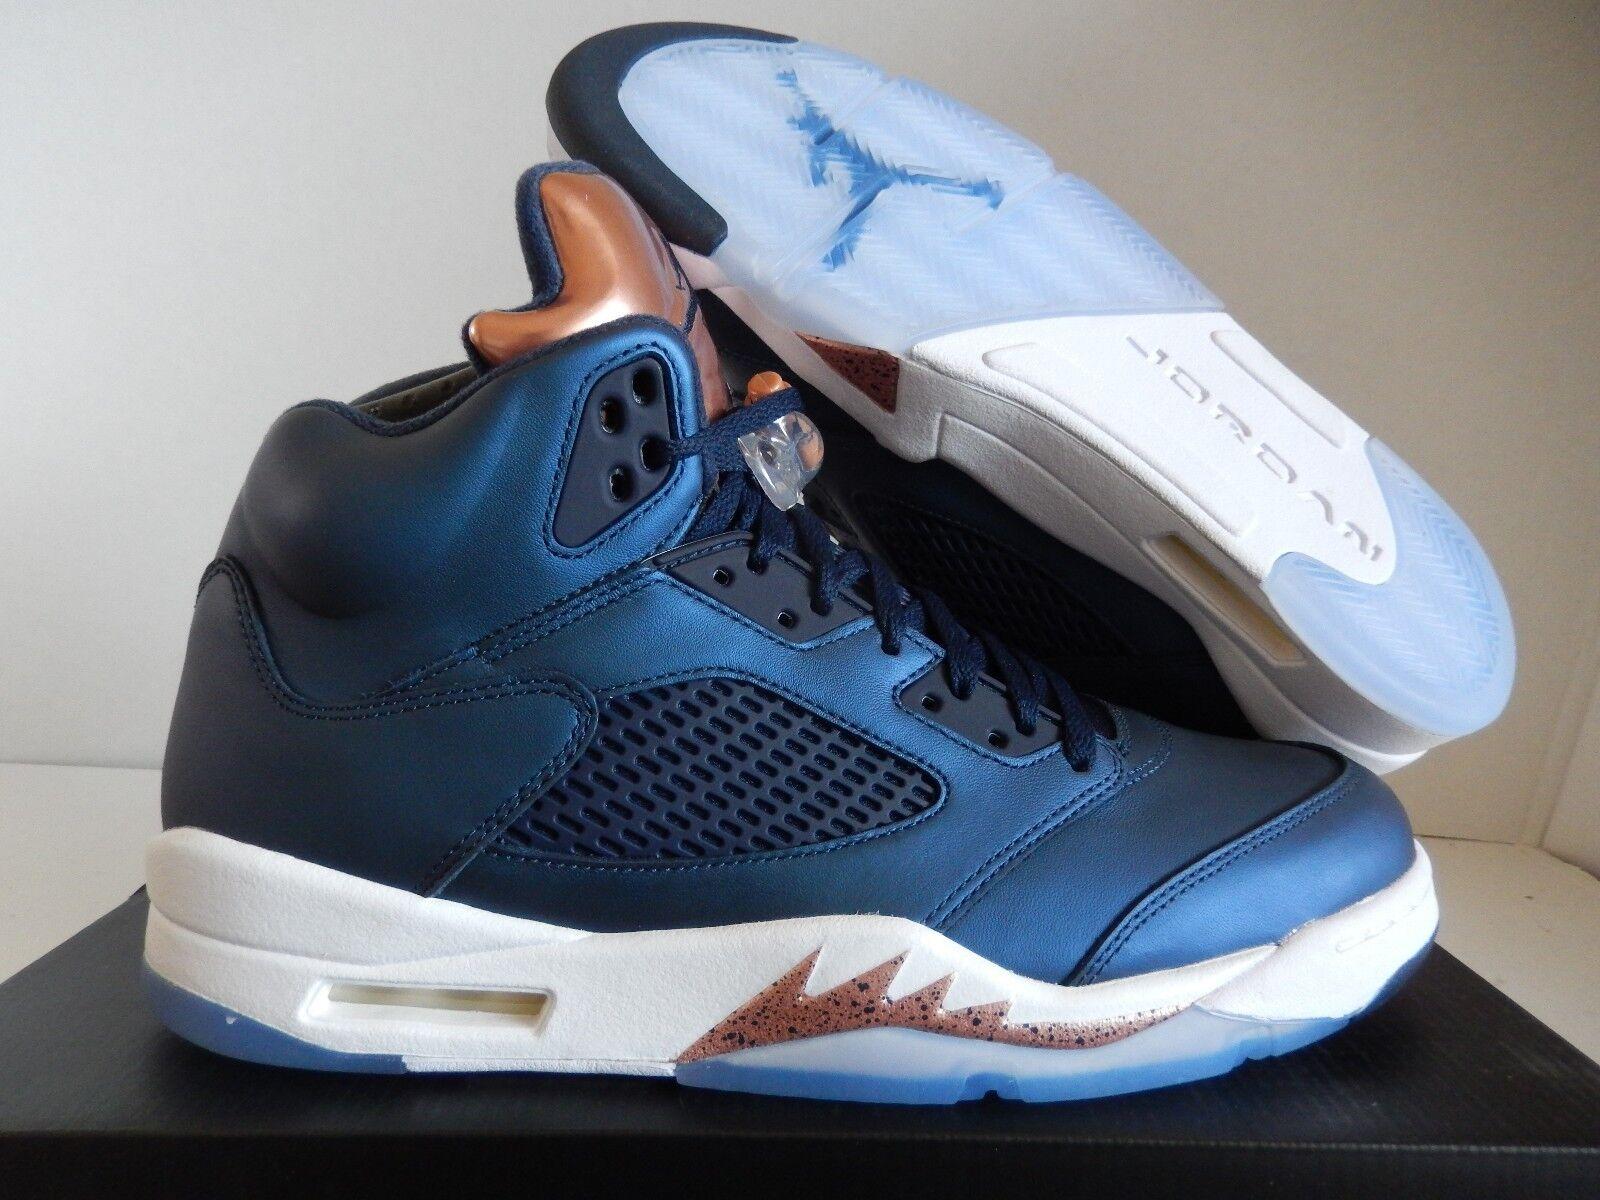 Nike Air Jordan 5 Retro Medalla Obsidiana Azul-Oro Medalla Retro de Bronce [136027-416] ae515e